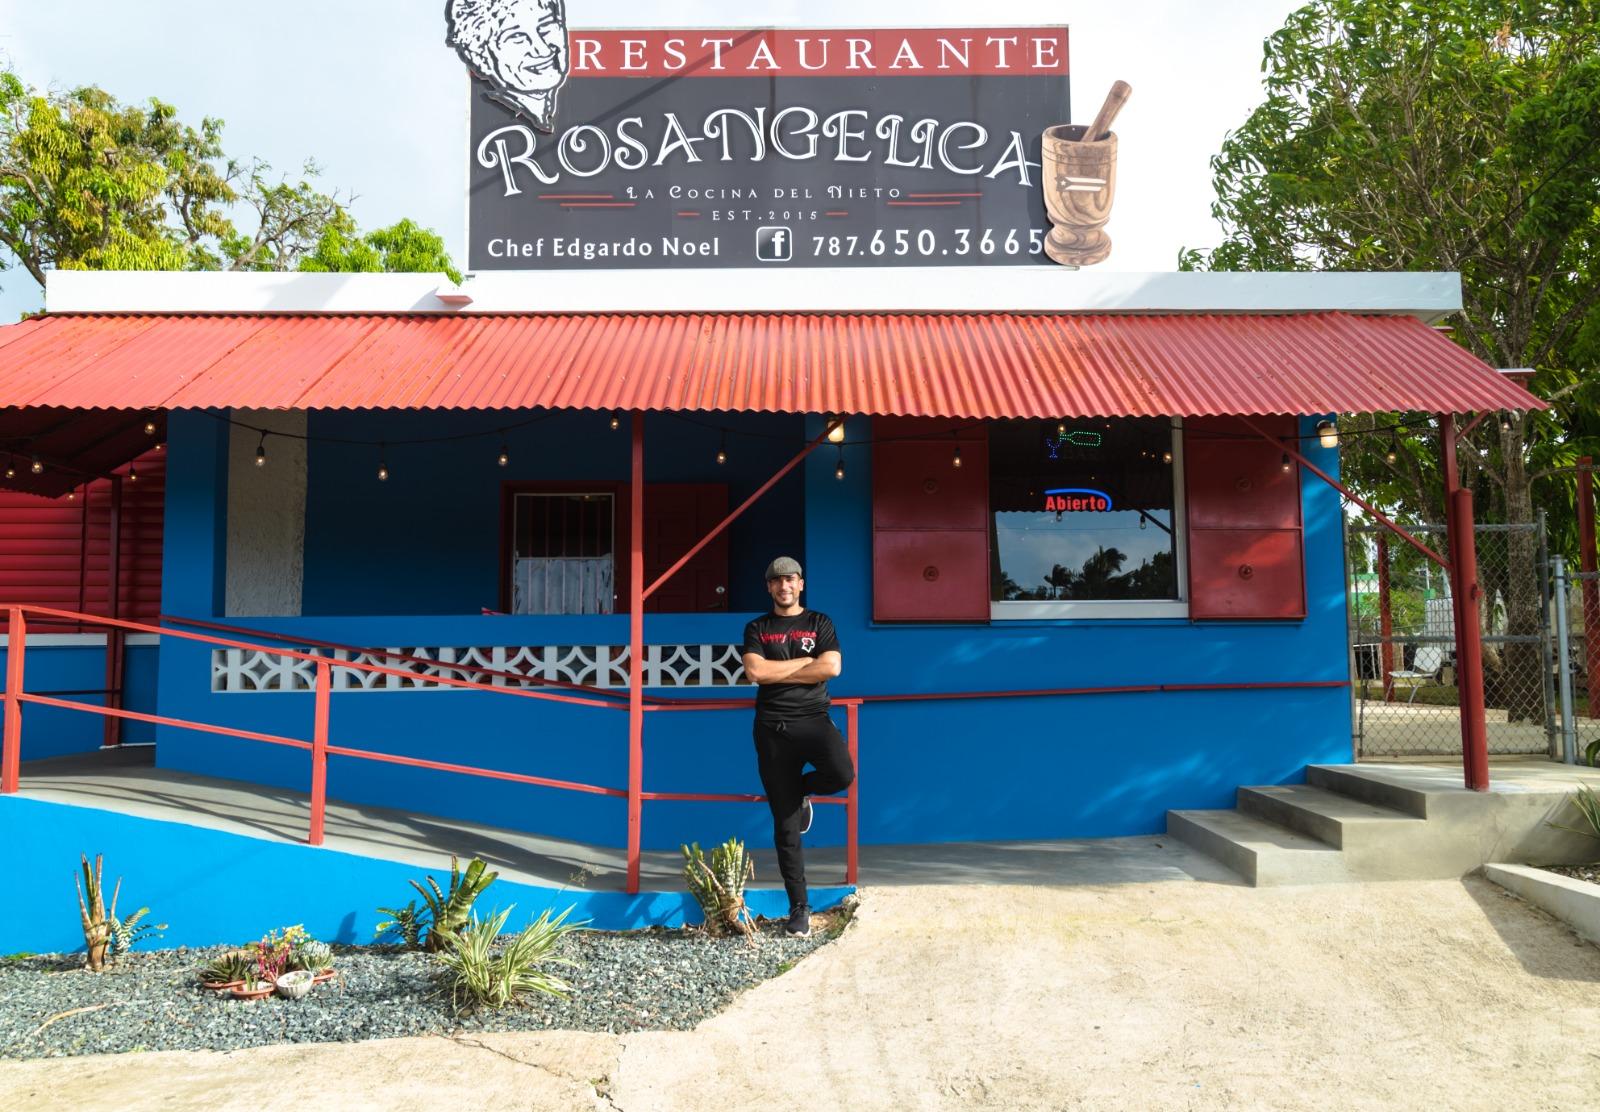 El restaurante del Chef Edgardo Noel cierra sus puertas